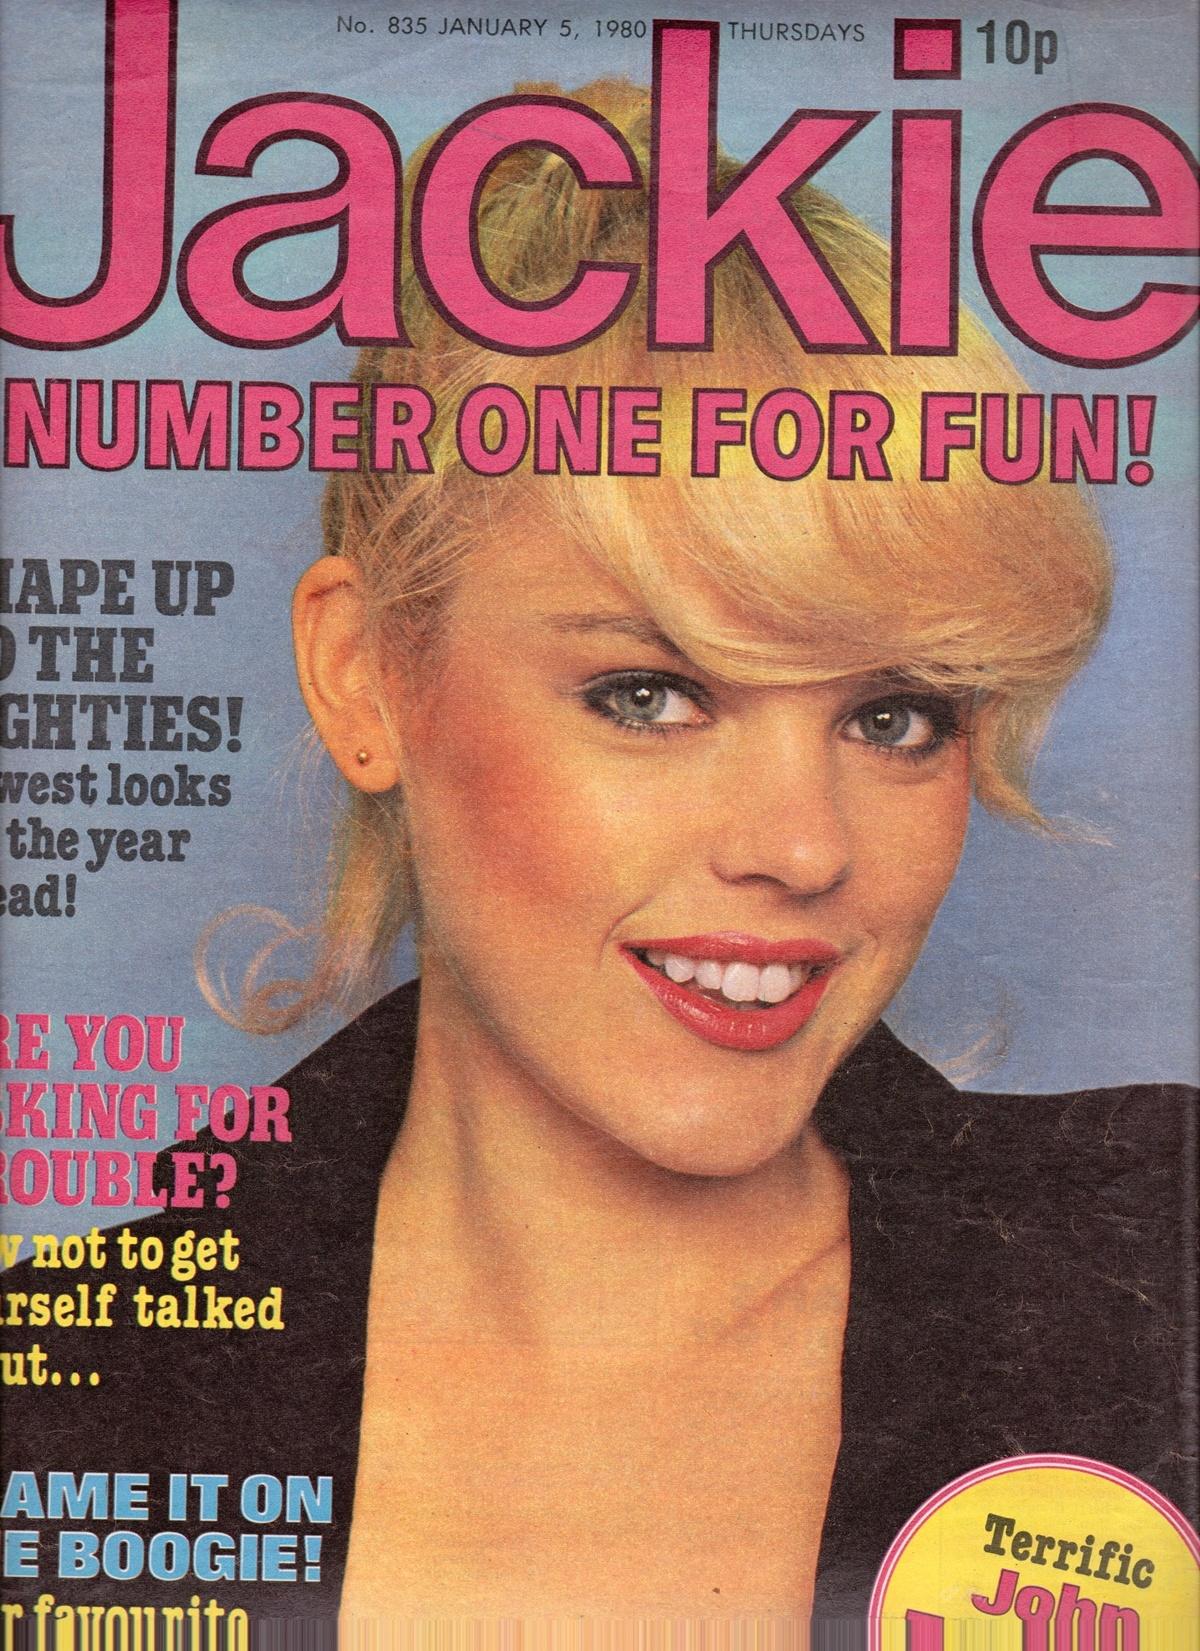 Julie Kerr Jackie Cover